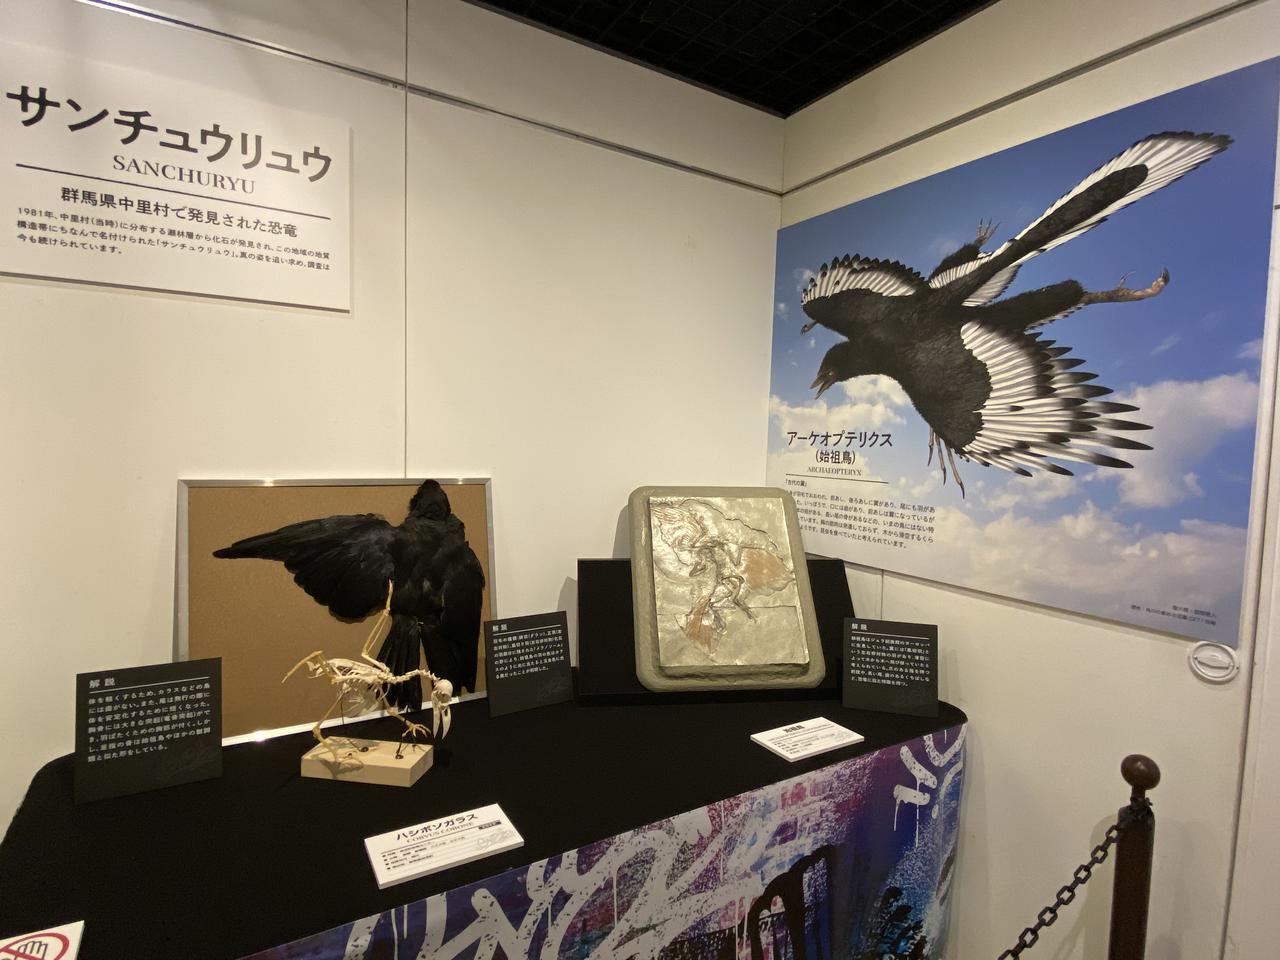 画像2: 第5章「恐竜から鳥へ」